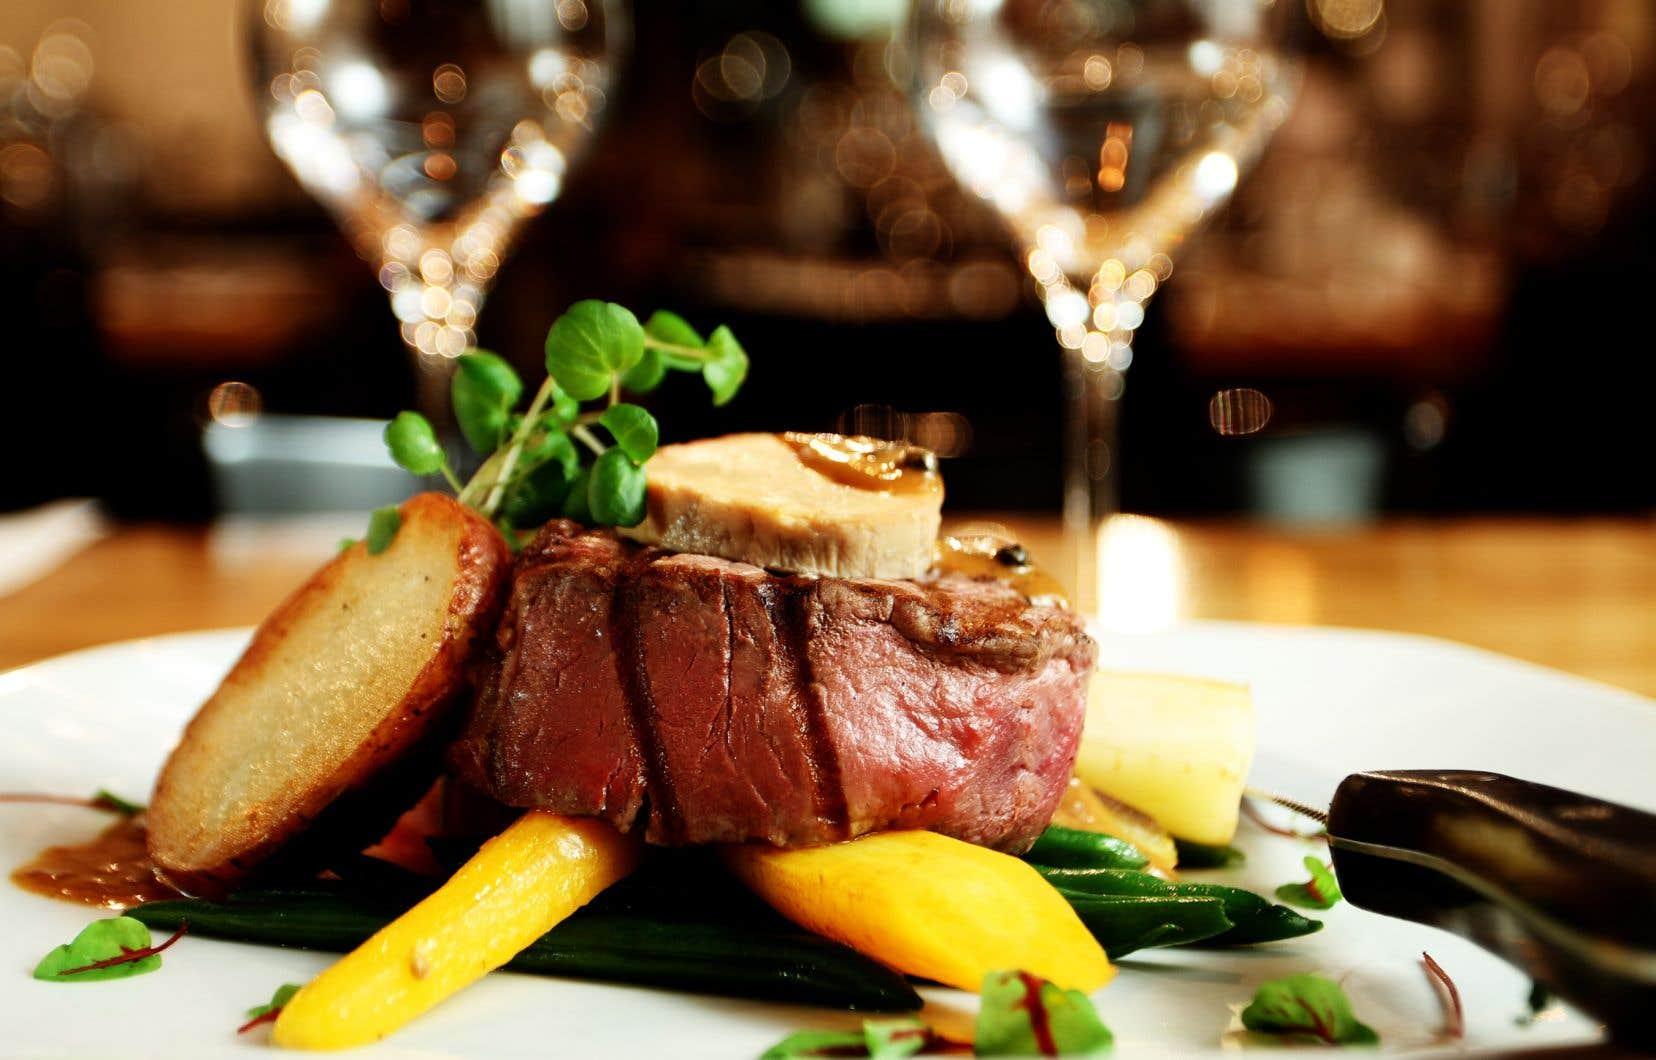 Une trentaine de nouveaux restaurants se sont joints à l'aventure depuis le début du mois de septembre, dont le bistro Bagatelle.